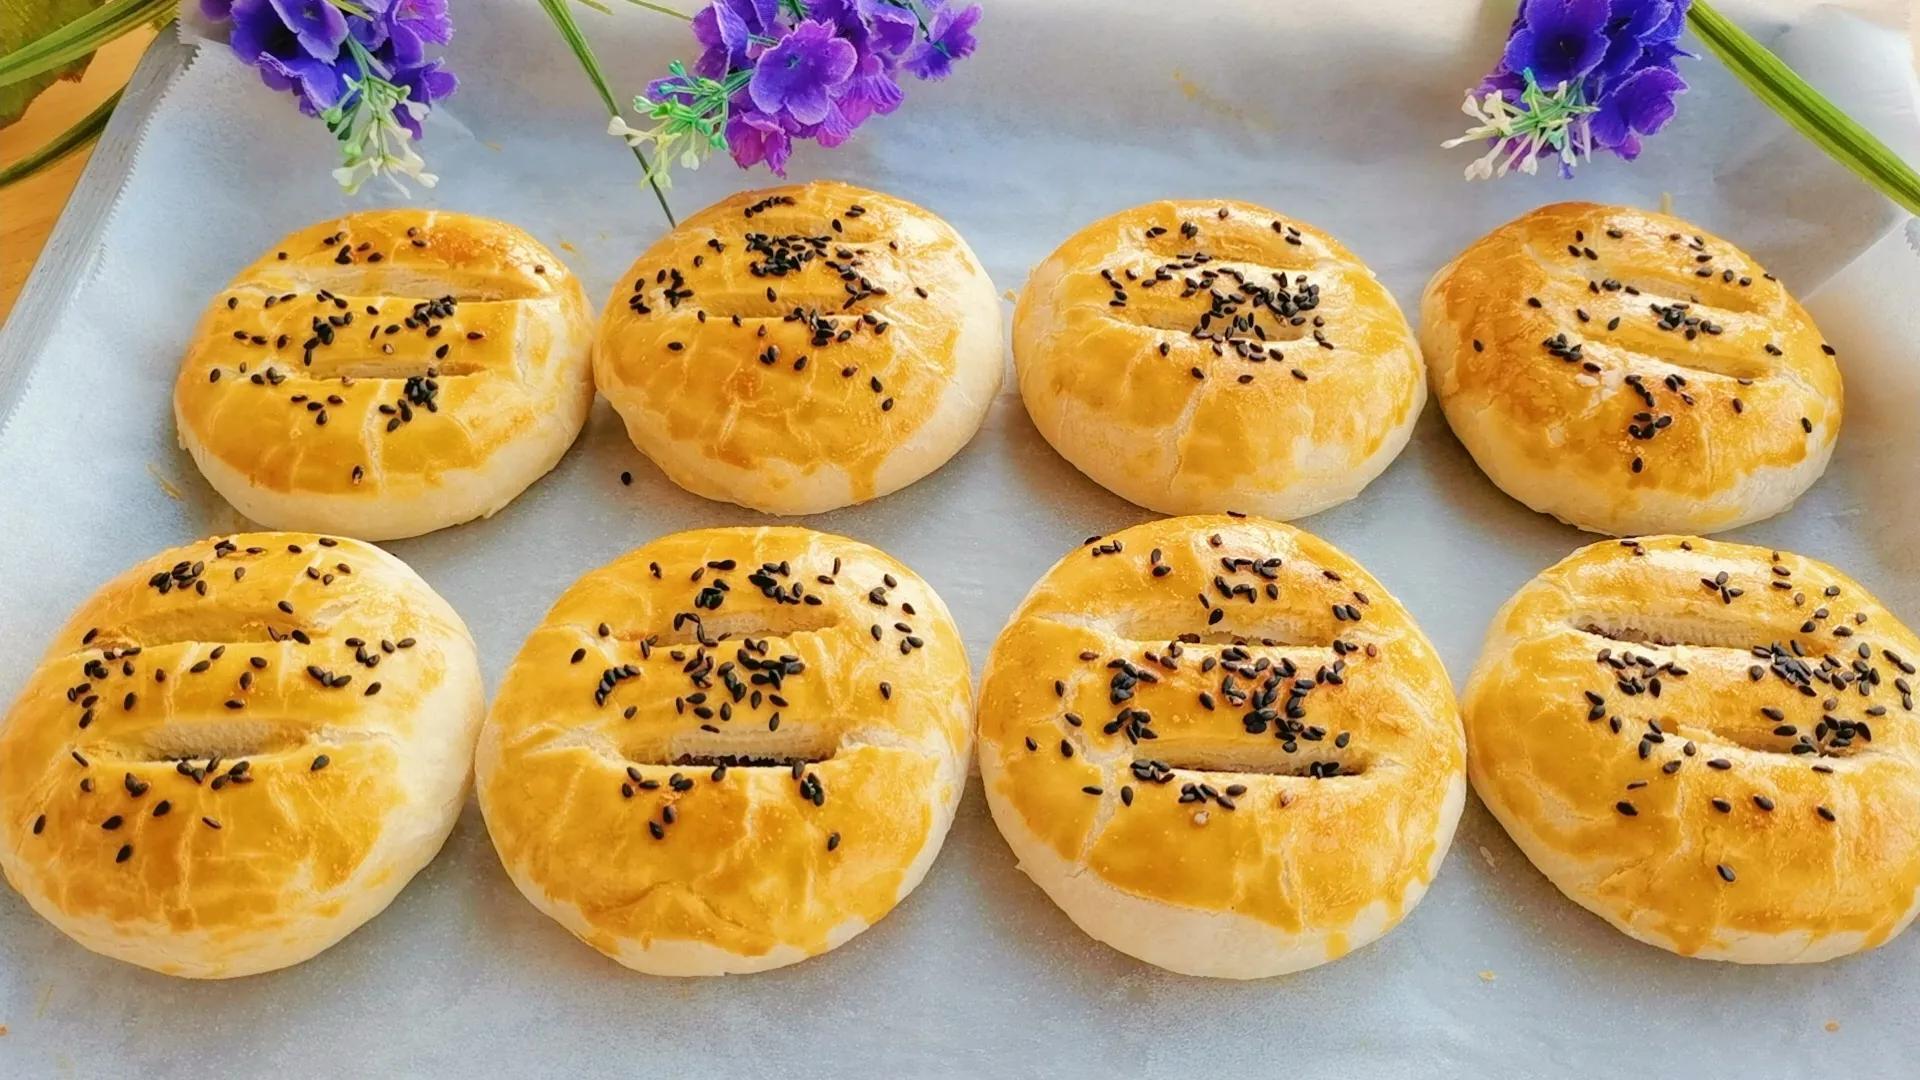 咬一口酥得掉渣的紫薯酥饼,制作简单又好吃,当零食早餐都不错 美食做法 第25张